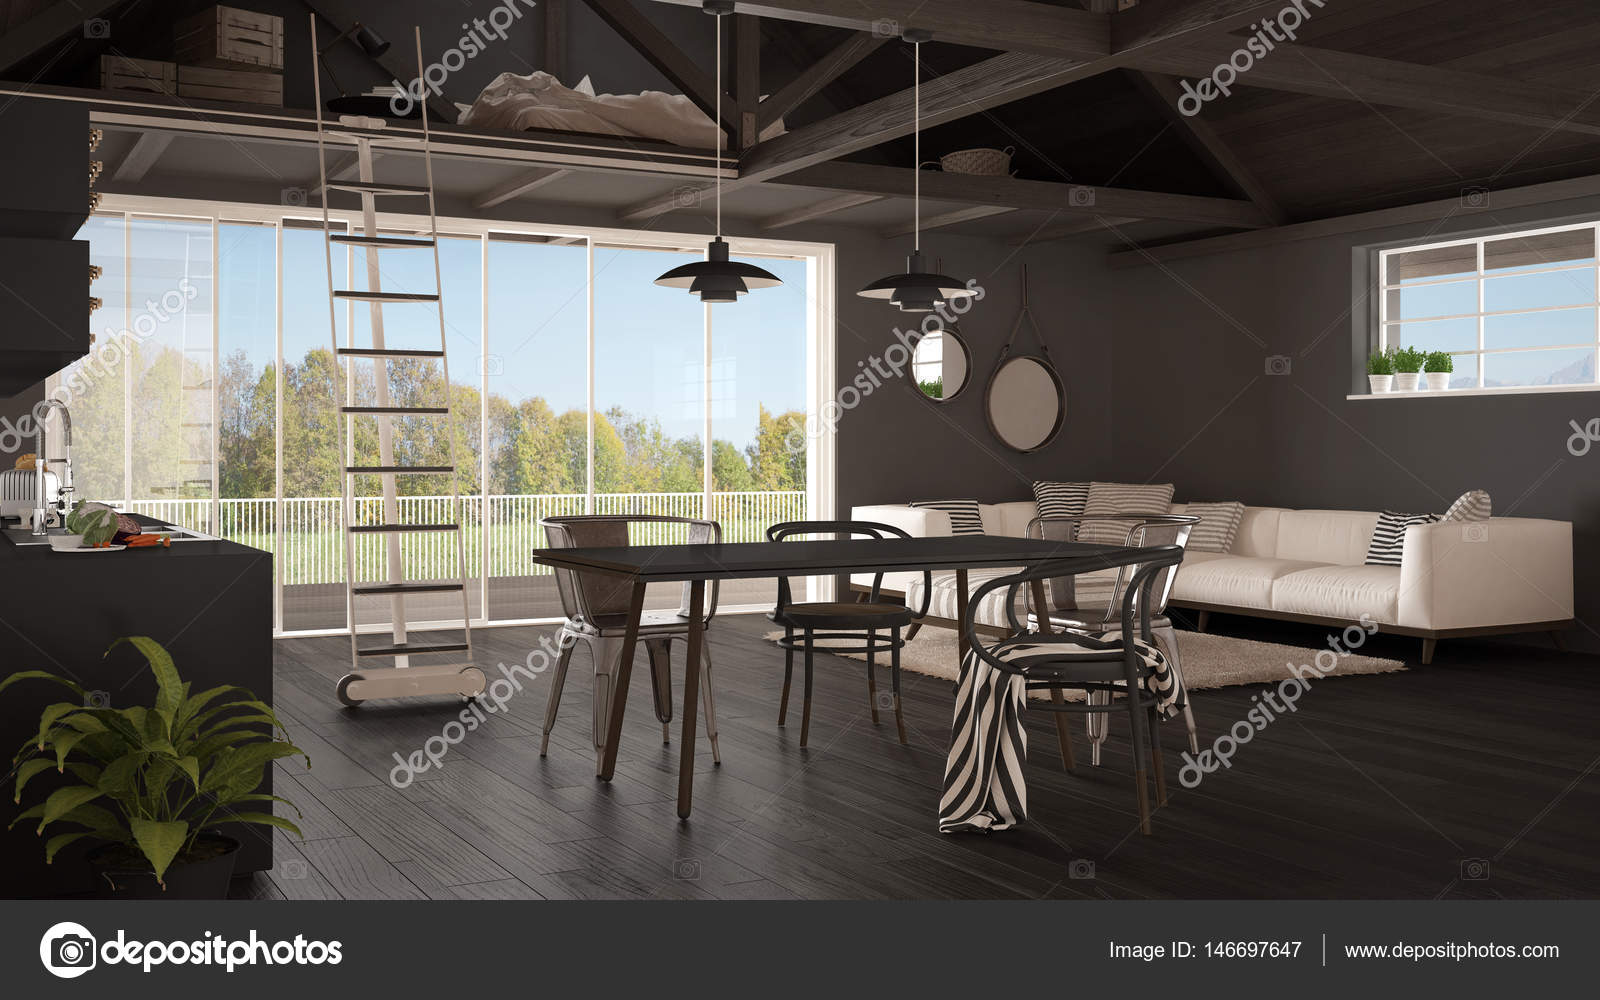 Minimalistische mezzanine dachboden küche wohn und schlafzimmer